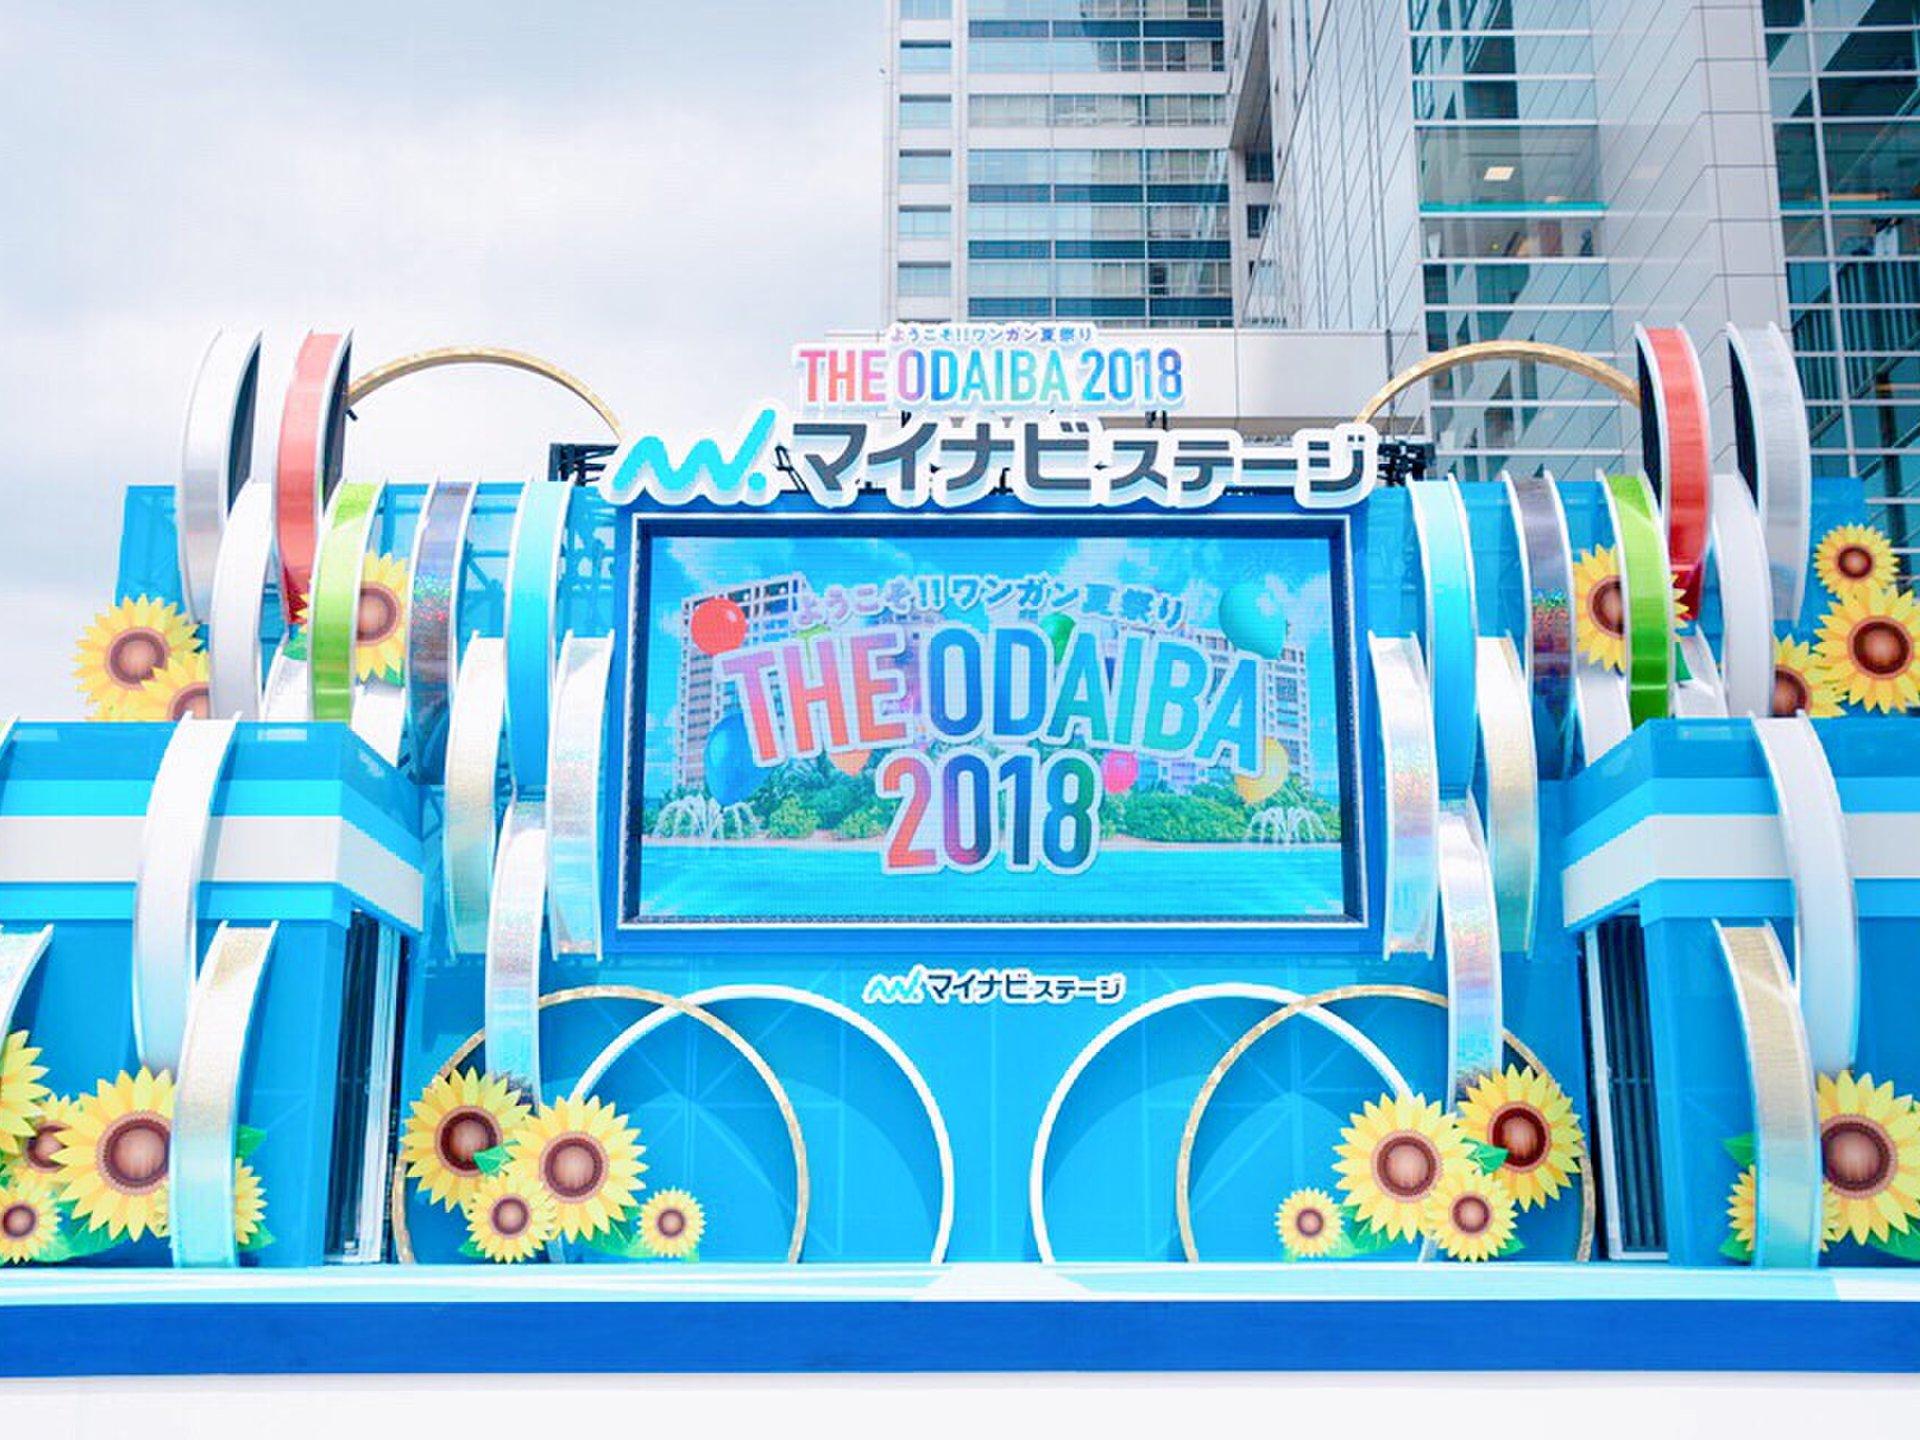 日テレ、TBS、フジ…3大テレビ局の夏イベ2018詳細!期間、グルメ、アトラクション等